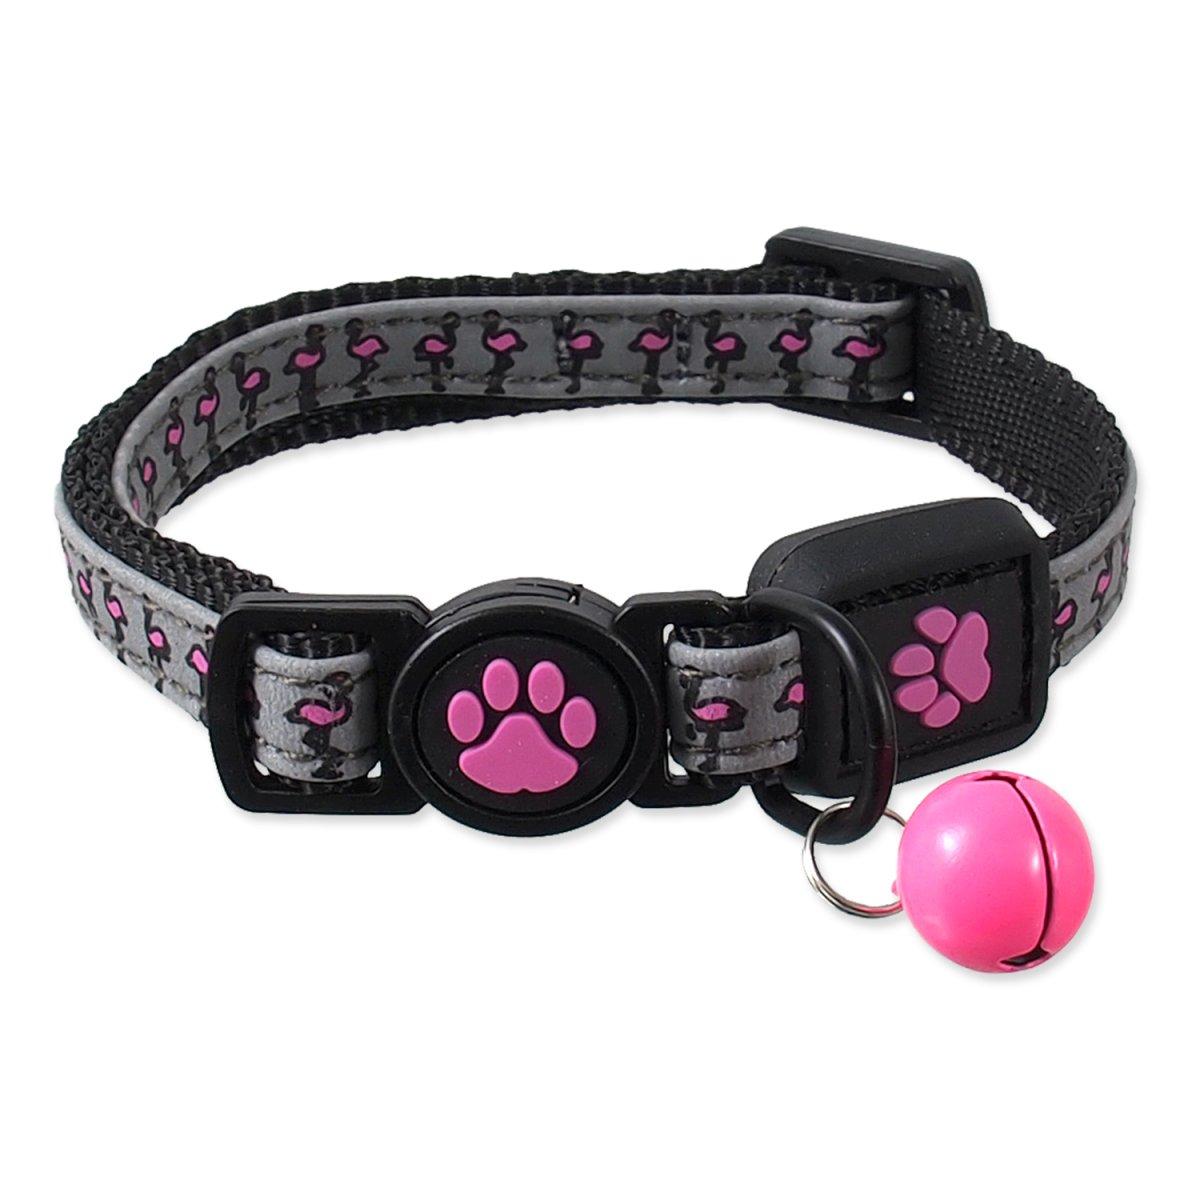 Obojek ACTIVE CAT Reflective růžový XS (1ks)